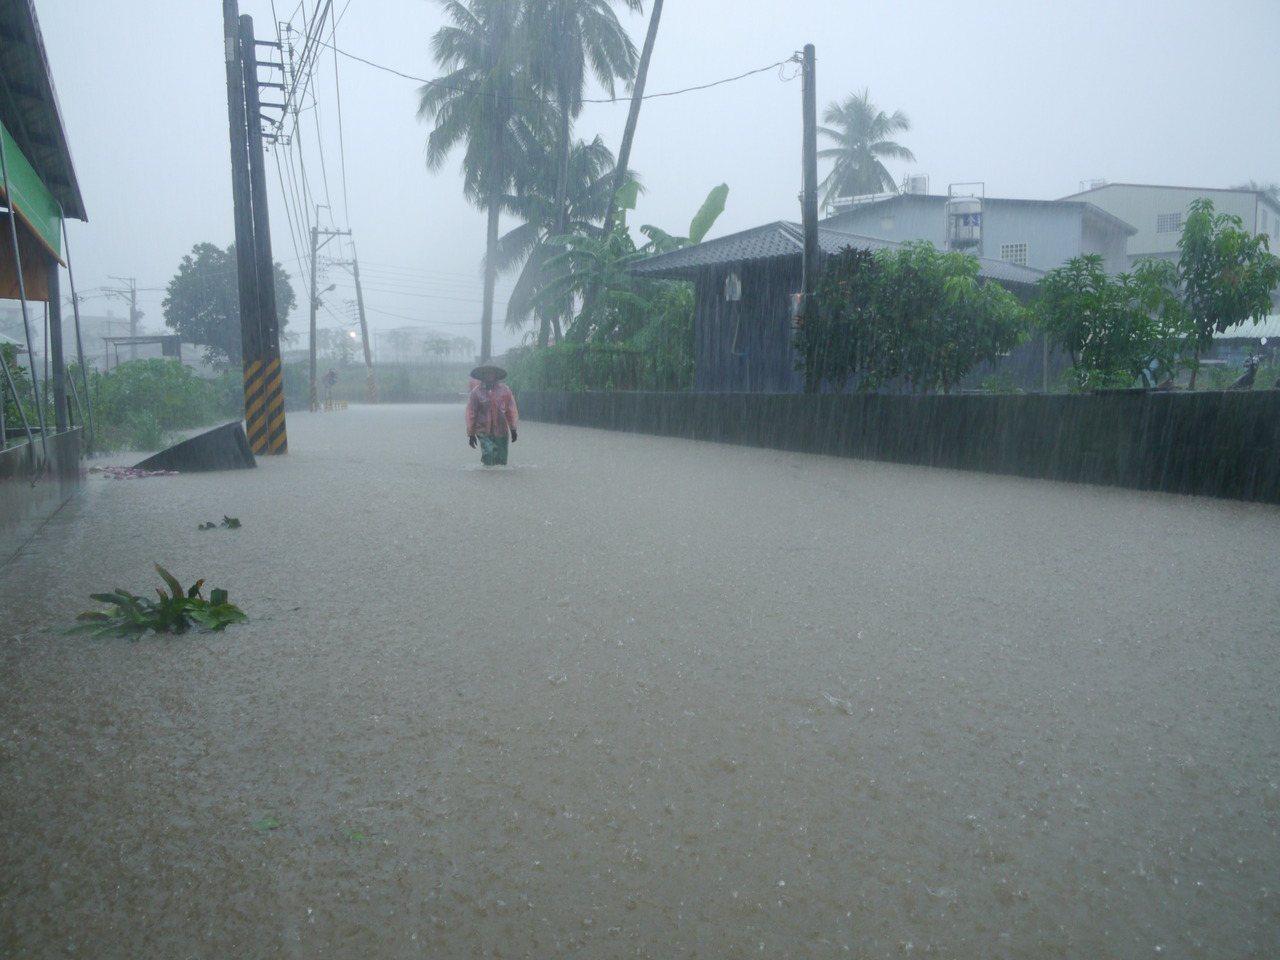 高市美濃區福美路低窪路段出現路面積水。記者徐白櫻/攝影